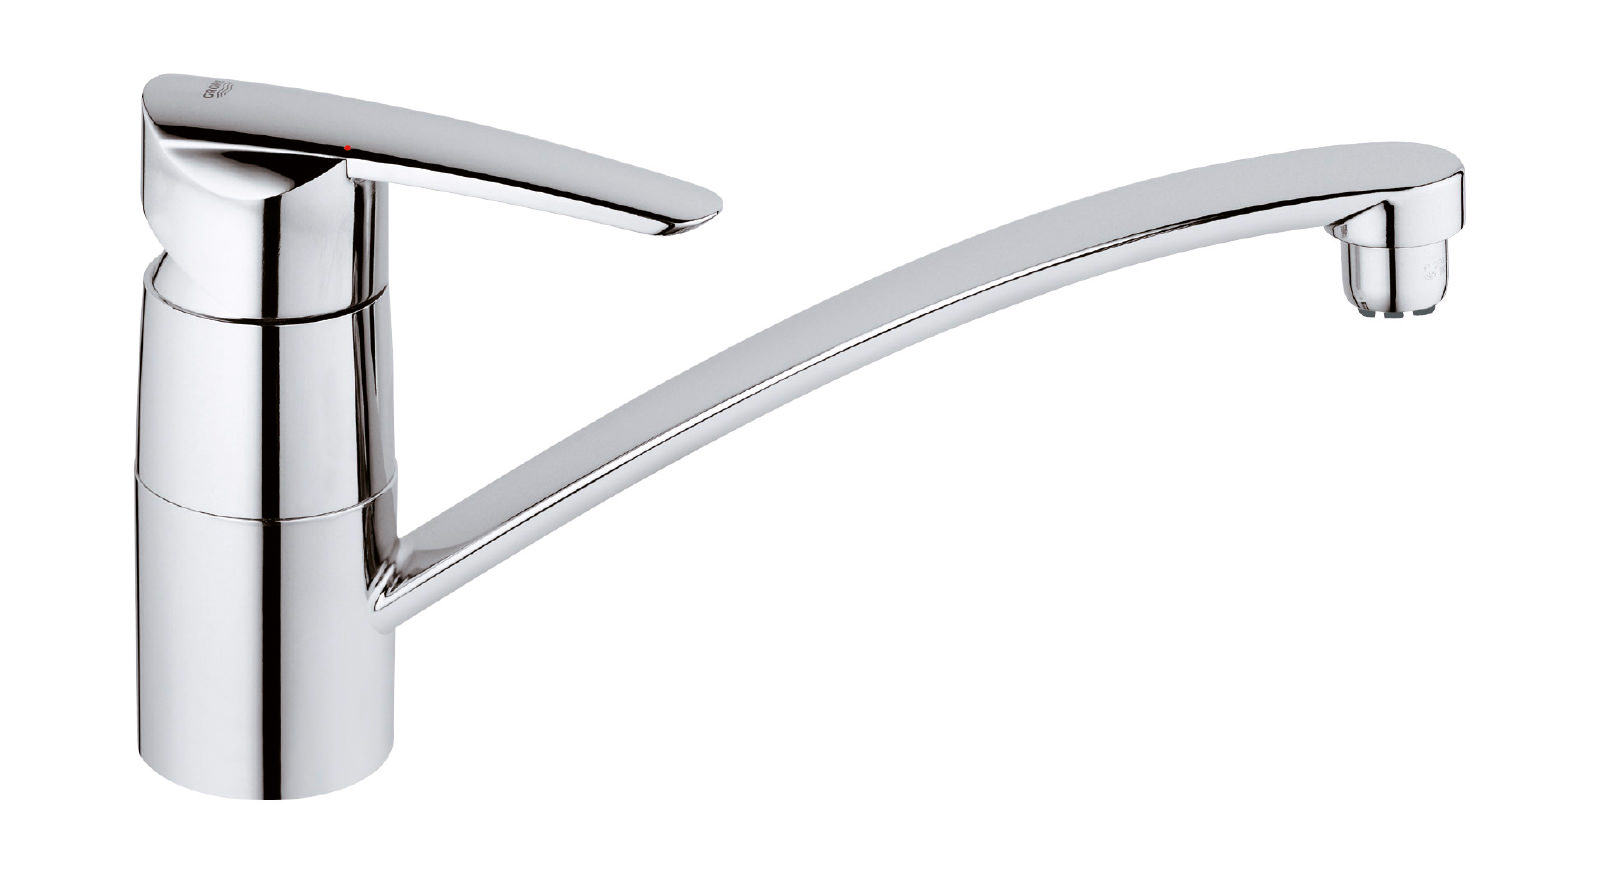 Full Size of Grohe Wasserhahn Kche Niederdruck Designer 5 Wege Dusche Küche Thermostat Bad Für Wandanschluss Wohnzimmer Grohe Wasserhahn